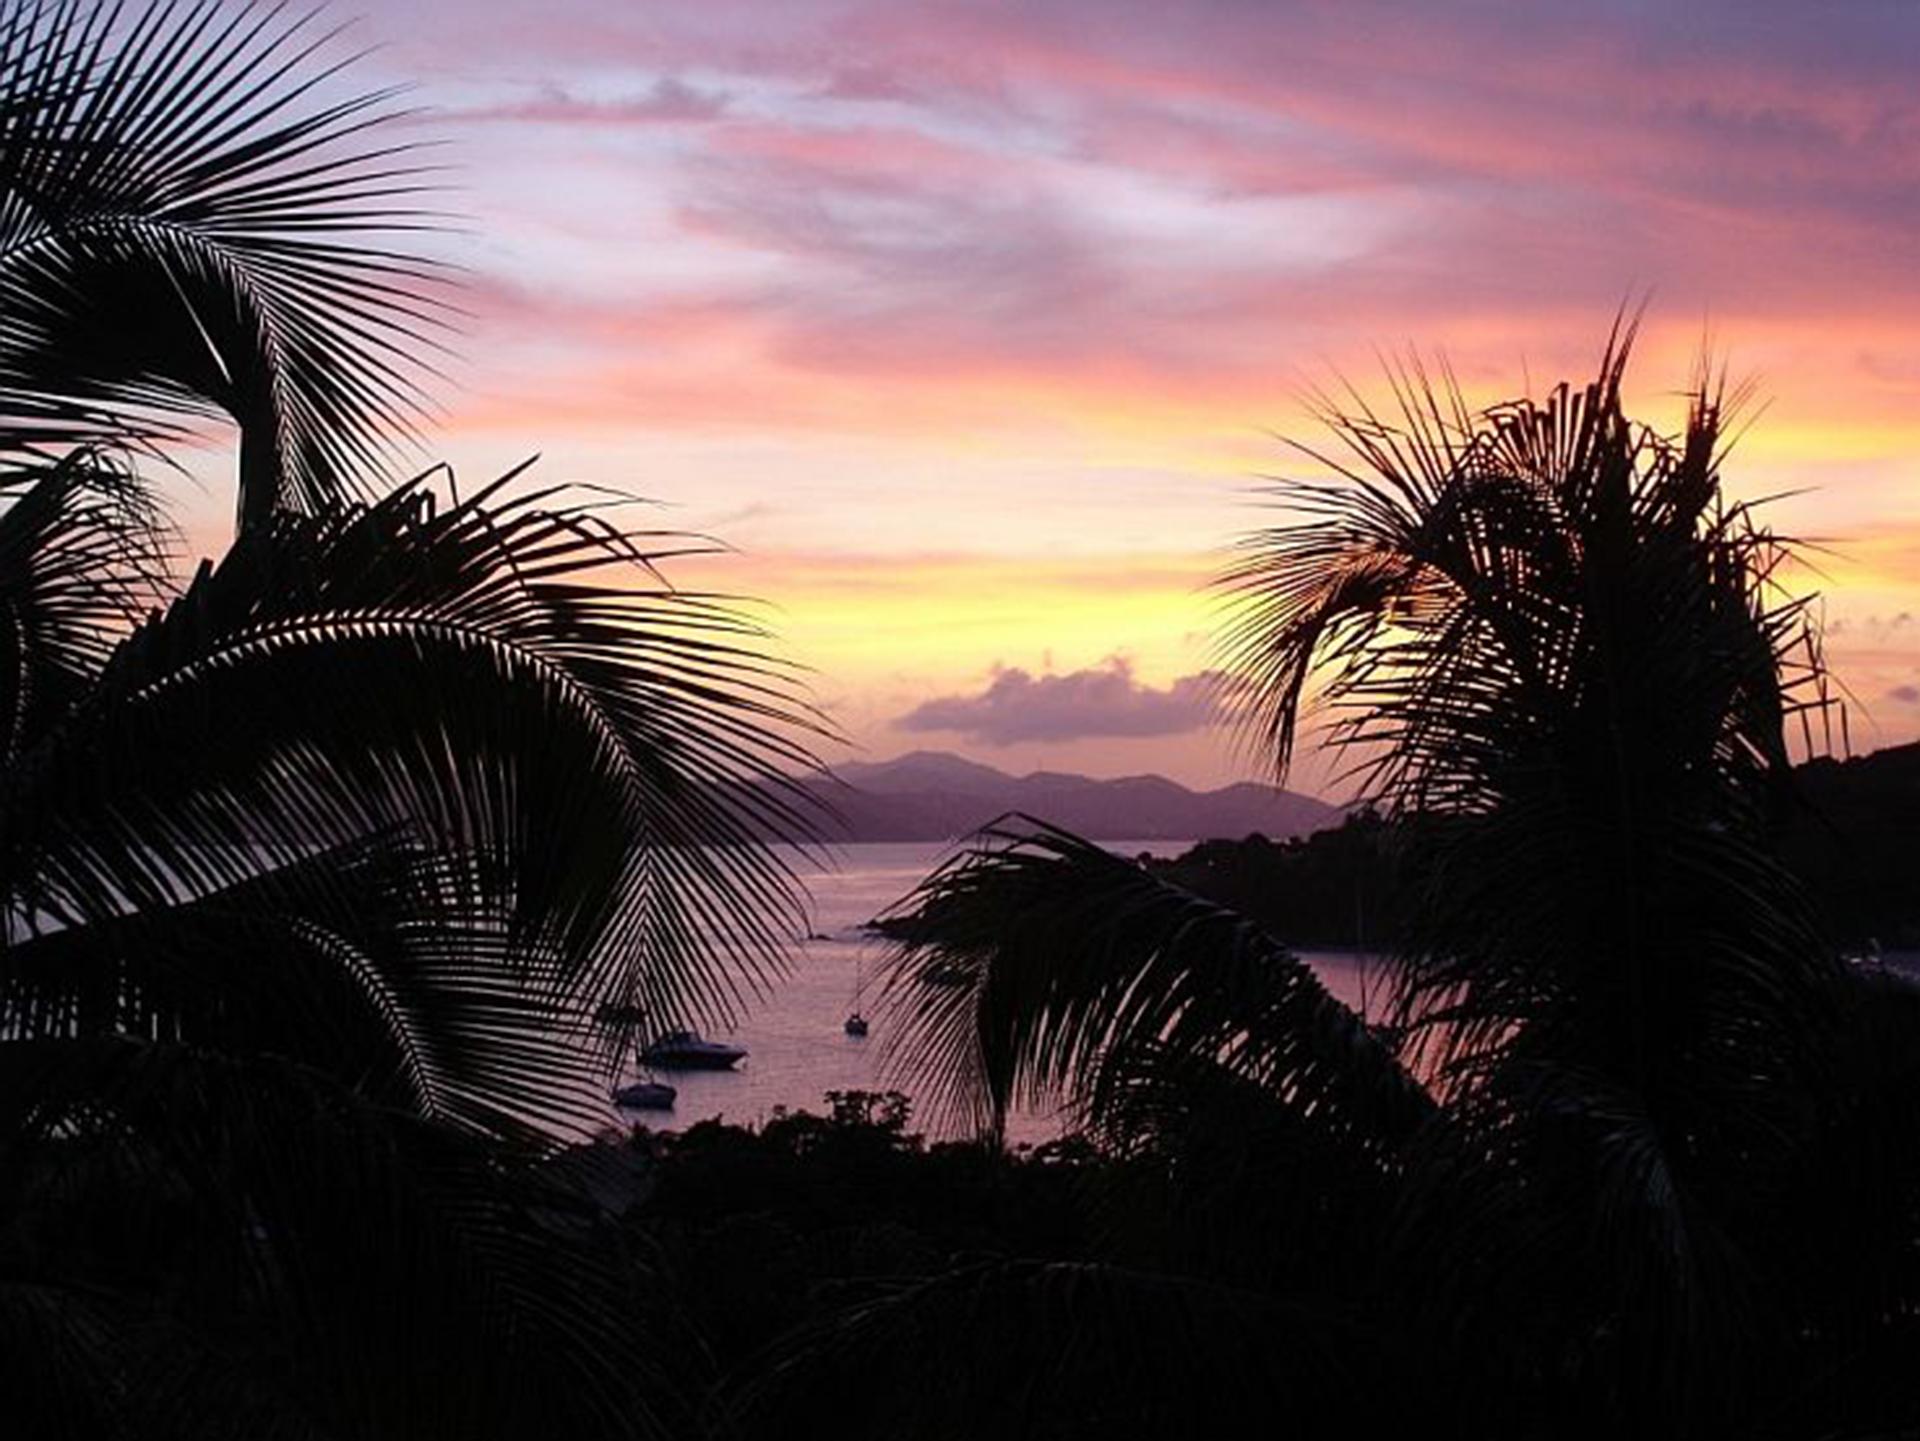 sunset-view.jpg